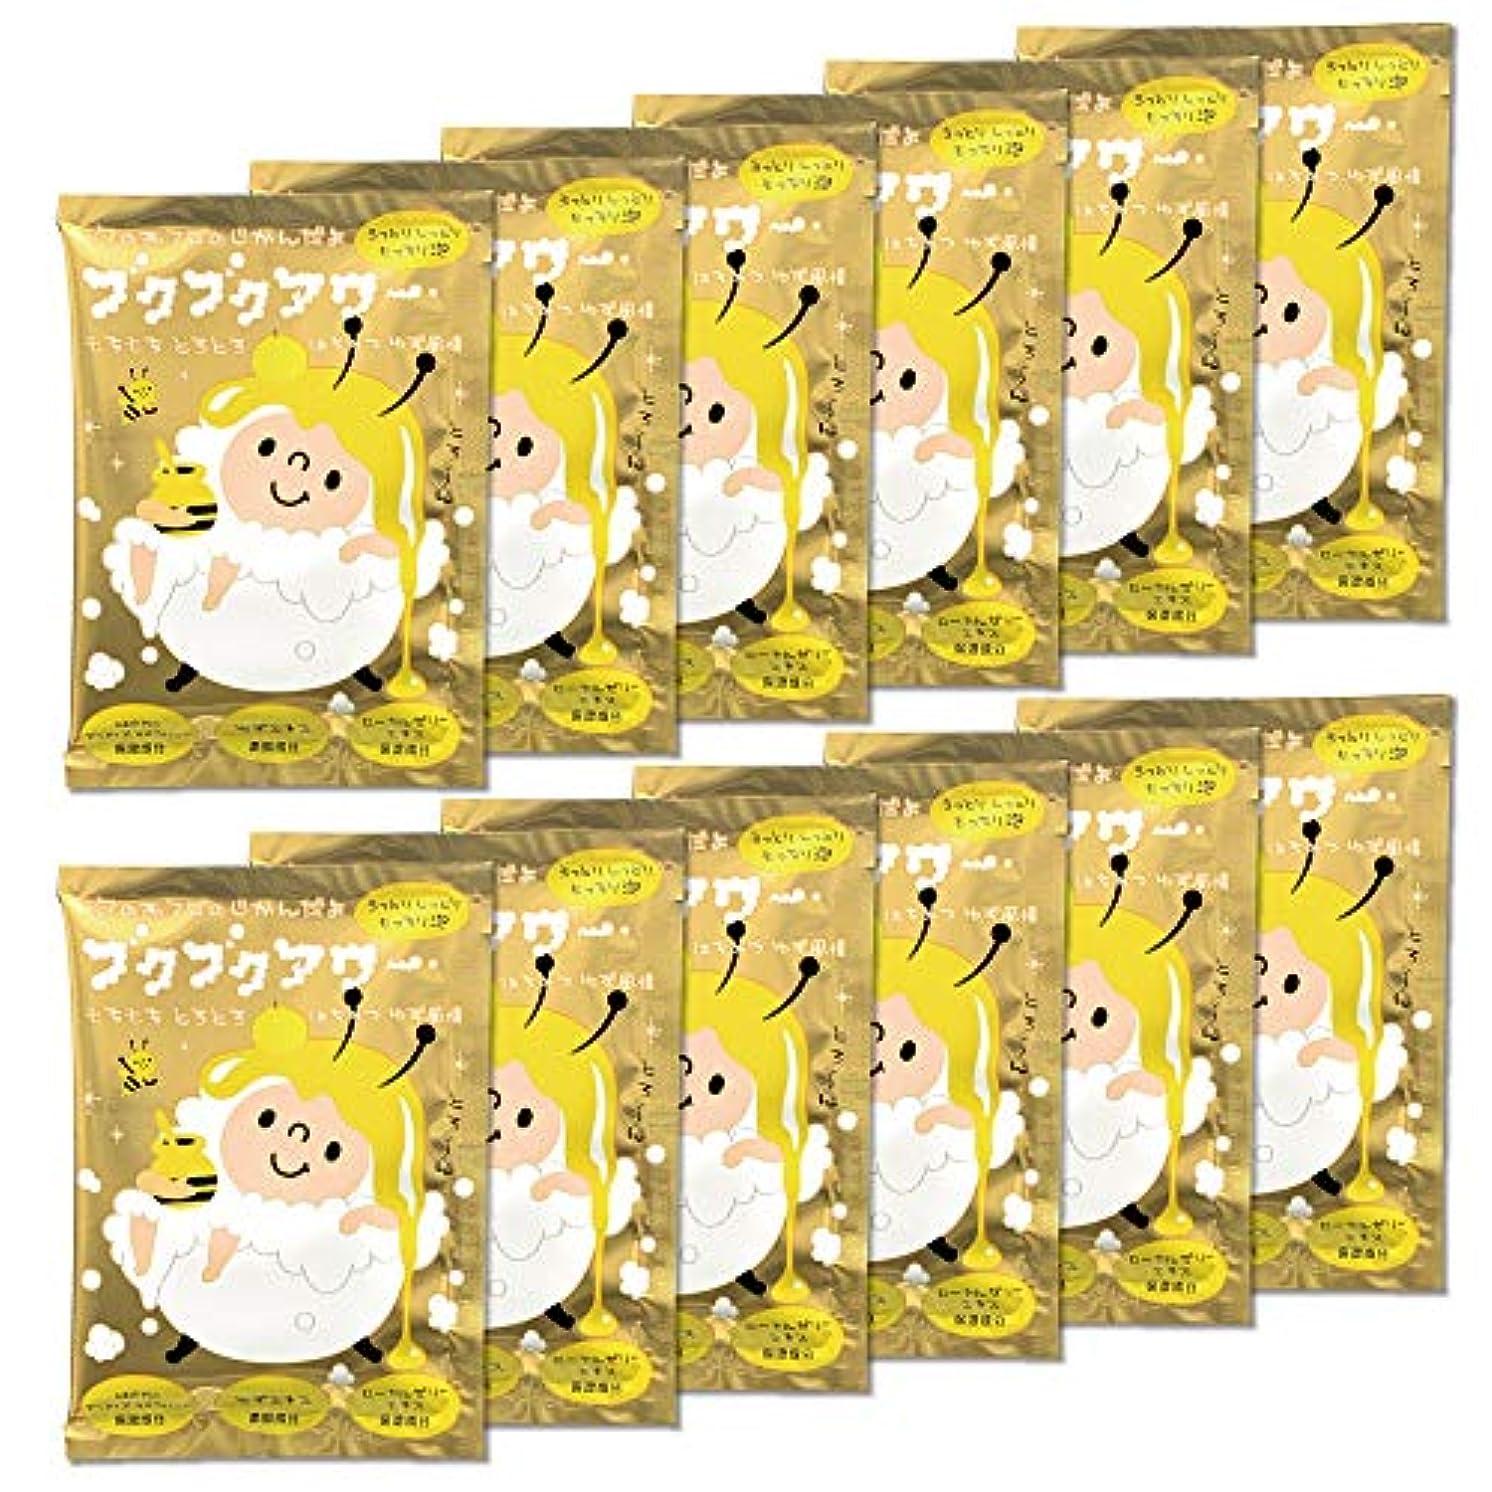 変位腹痛ストラップブクブクアワー はちみつ ゆず 風情 入浴剤 40g 1回分×12包入 大容量 まとめ買い